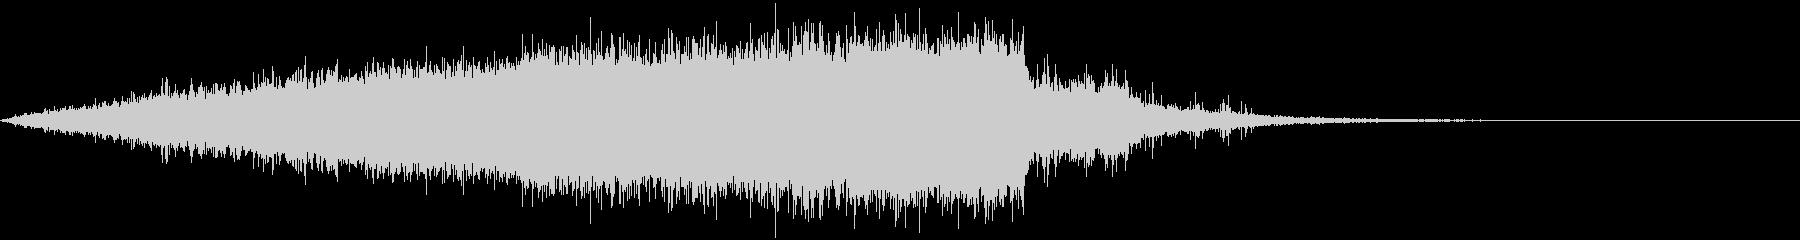 【シネマティック】 ライザー_03の未再生の波形